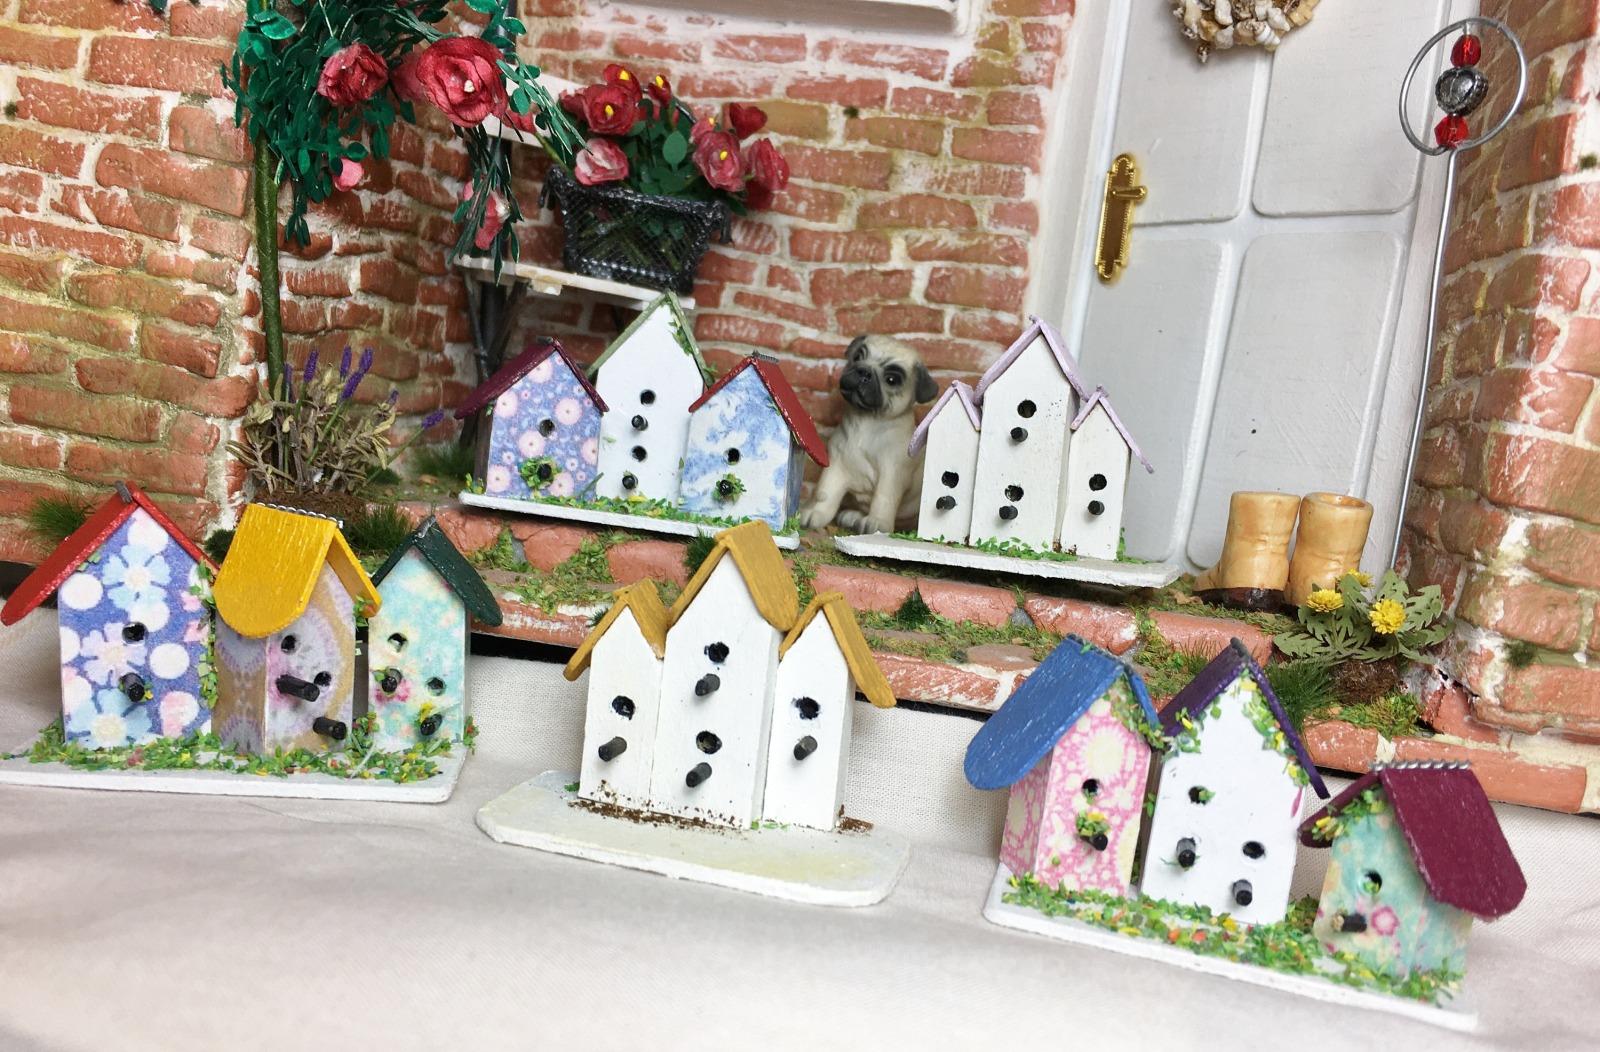 Vogelhaus in Miniatur 1zu12 für das